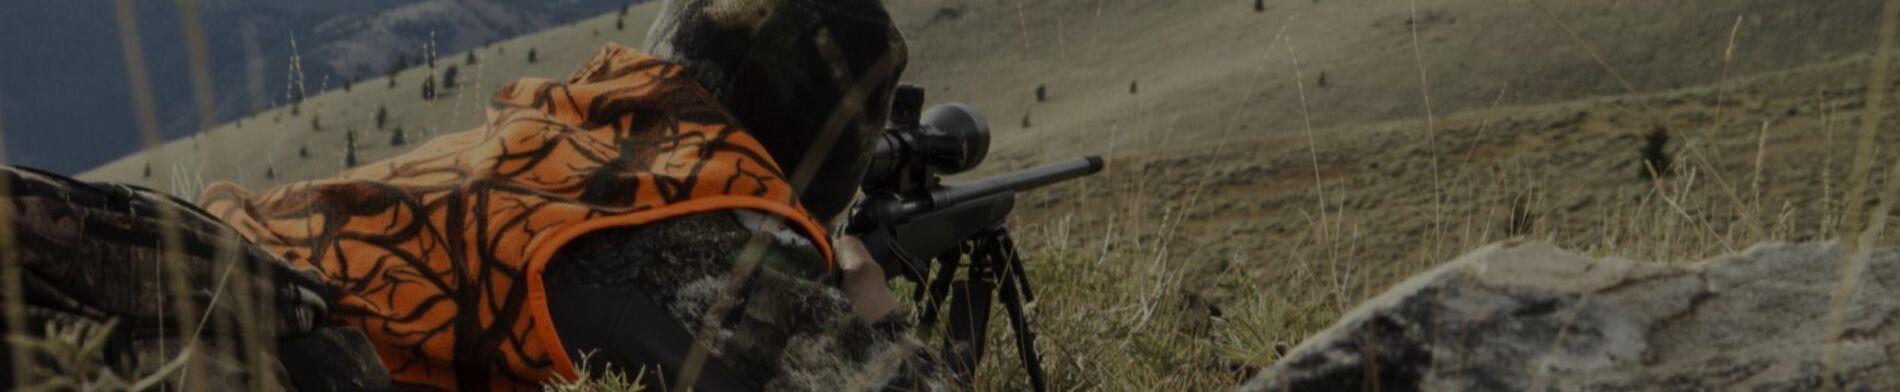 Hunter Shooting a Rifle